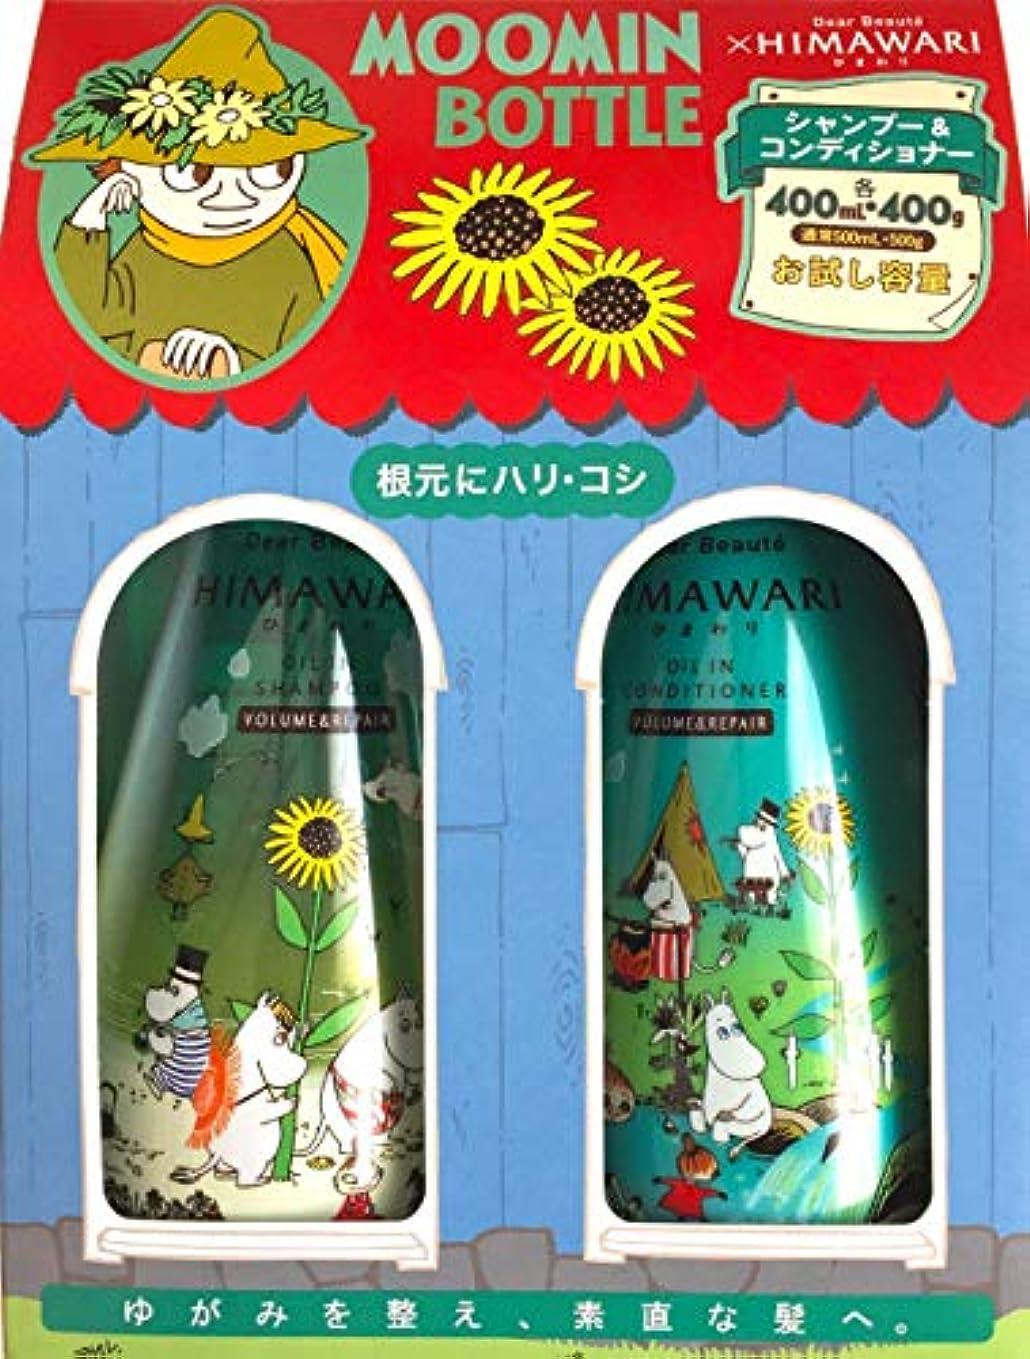 不完全贅沢な望むディアボーテ HIMAWARI(ヒマワリ) ボリューム&リペア ムーミンデザイン おタメし容量ペアセット 400ml+400g